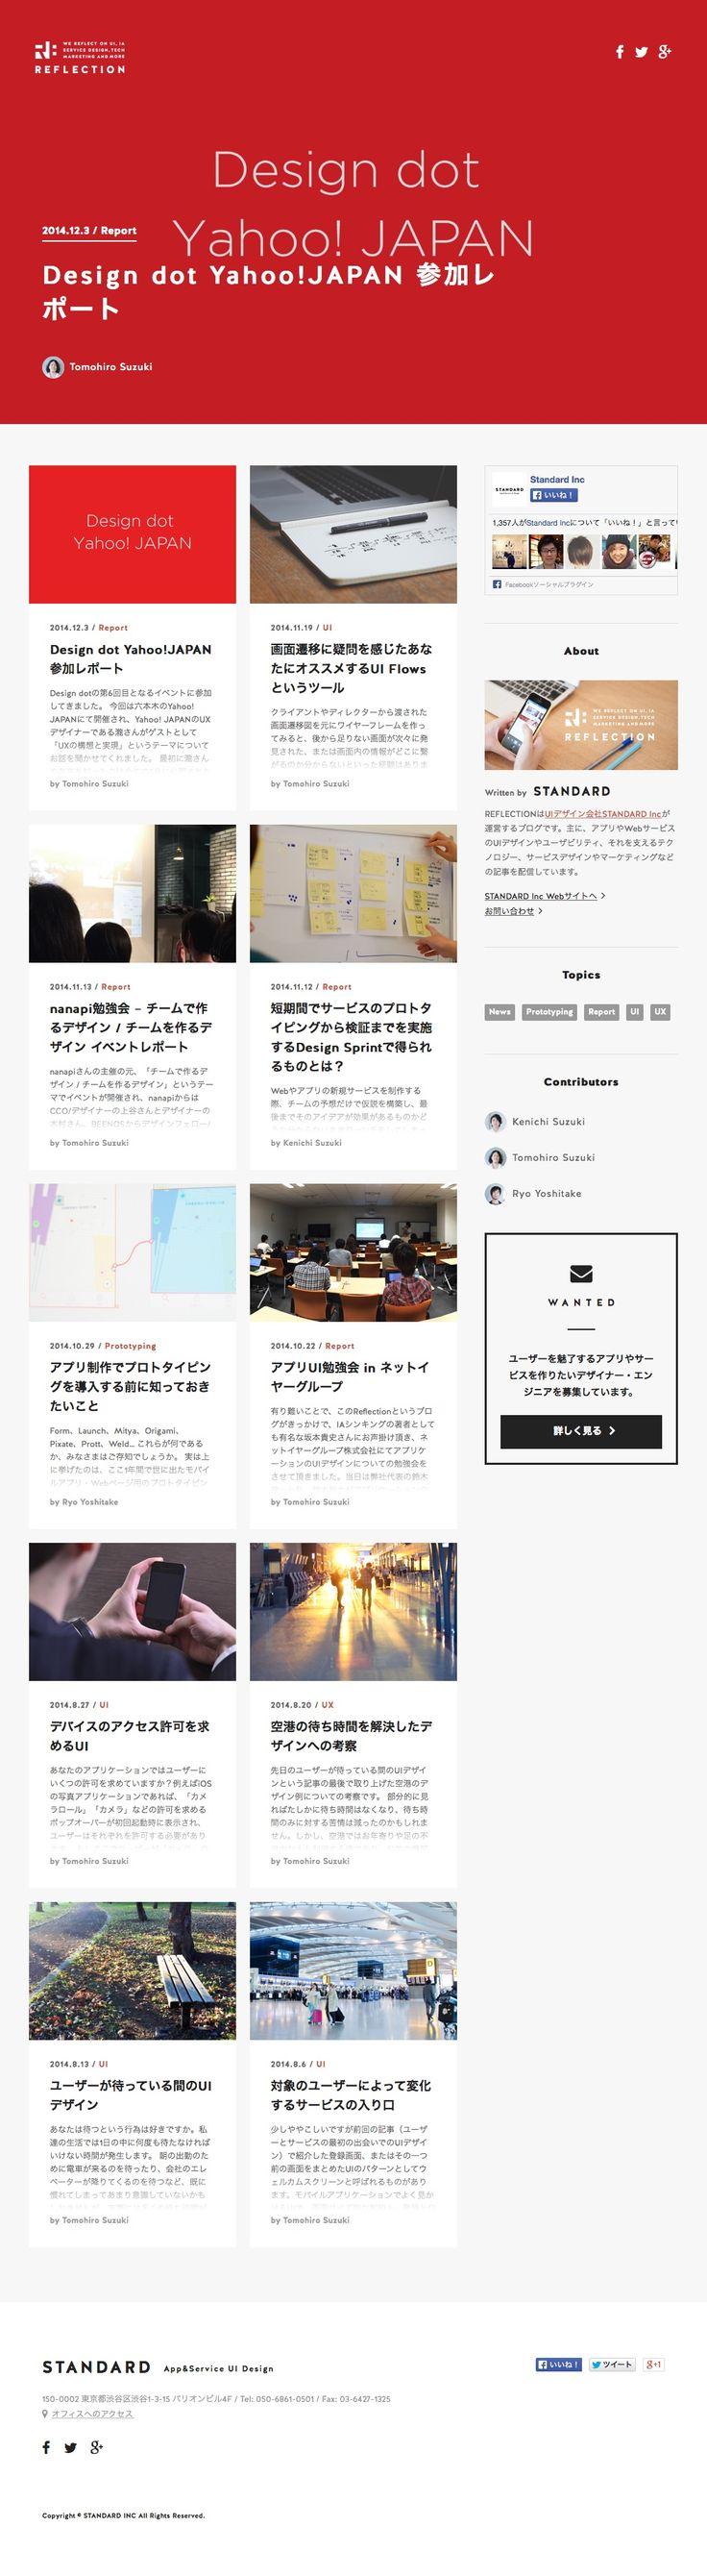 Reflection | UIデザイン会社Standard Incのブログ アプリやWebサービスのUIデザインやテクノロジー サービスデザインなどの記事を配信